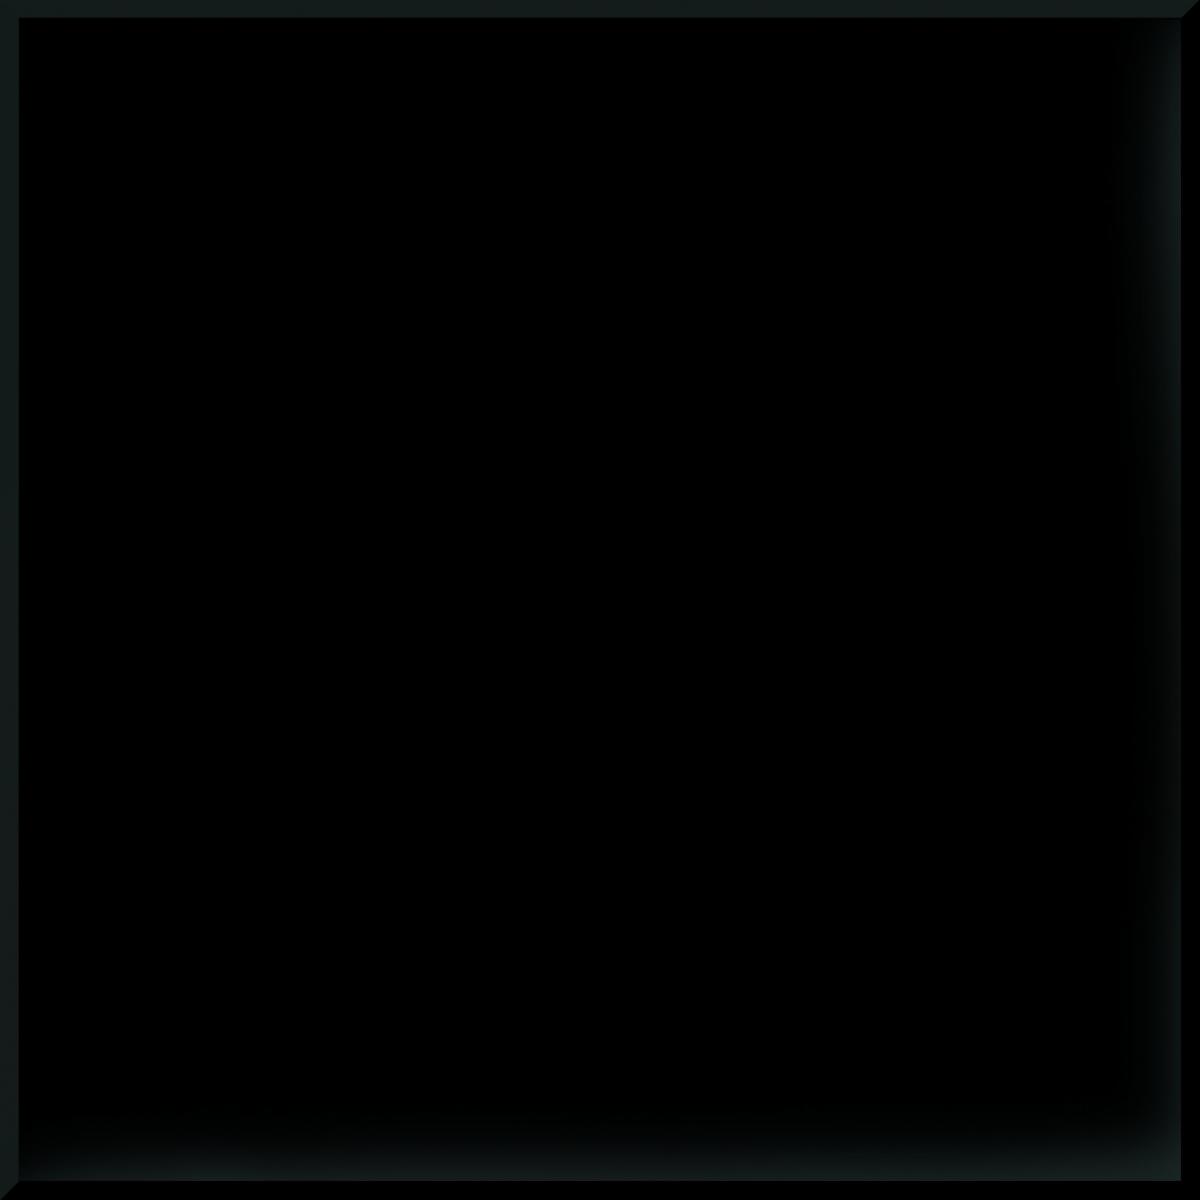 Порошковая краска П-ПЛ-1013 RAL 9005 (гладкая)/20кг/цена за 1 кг